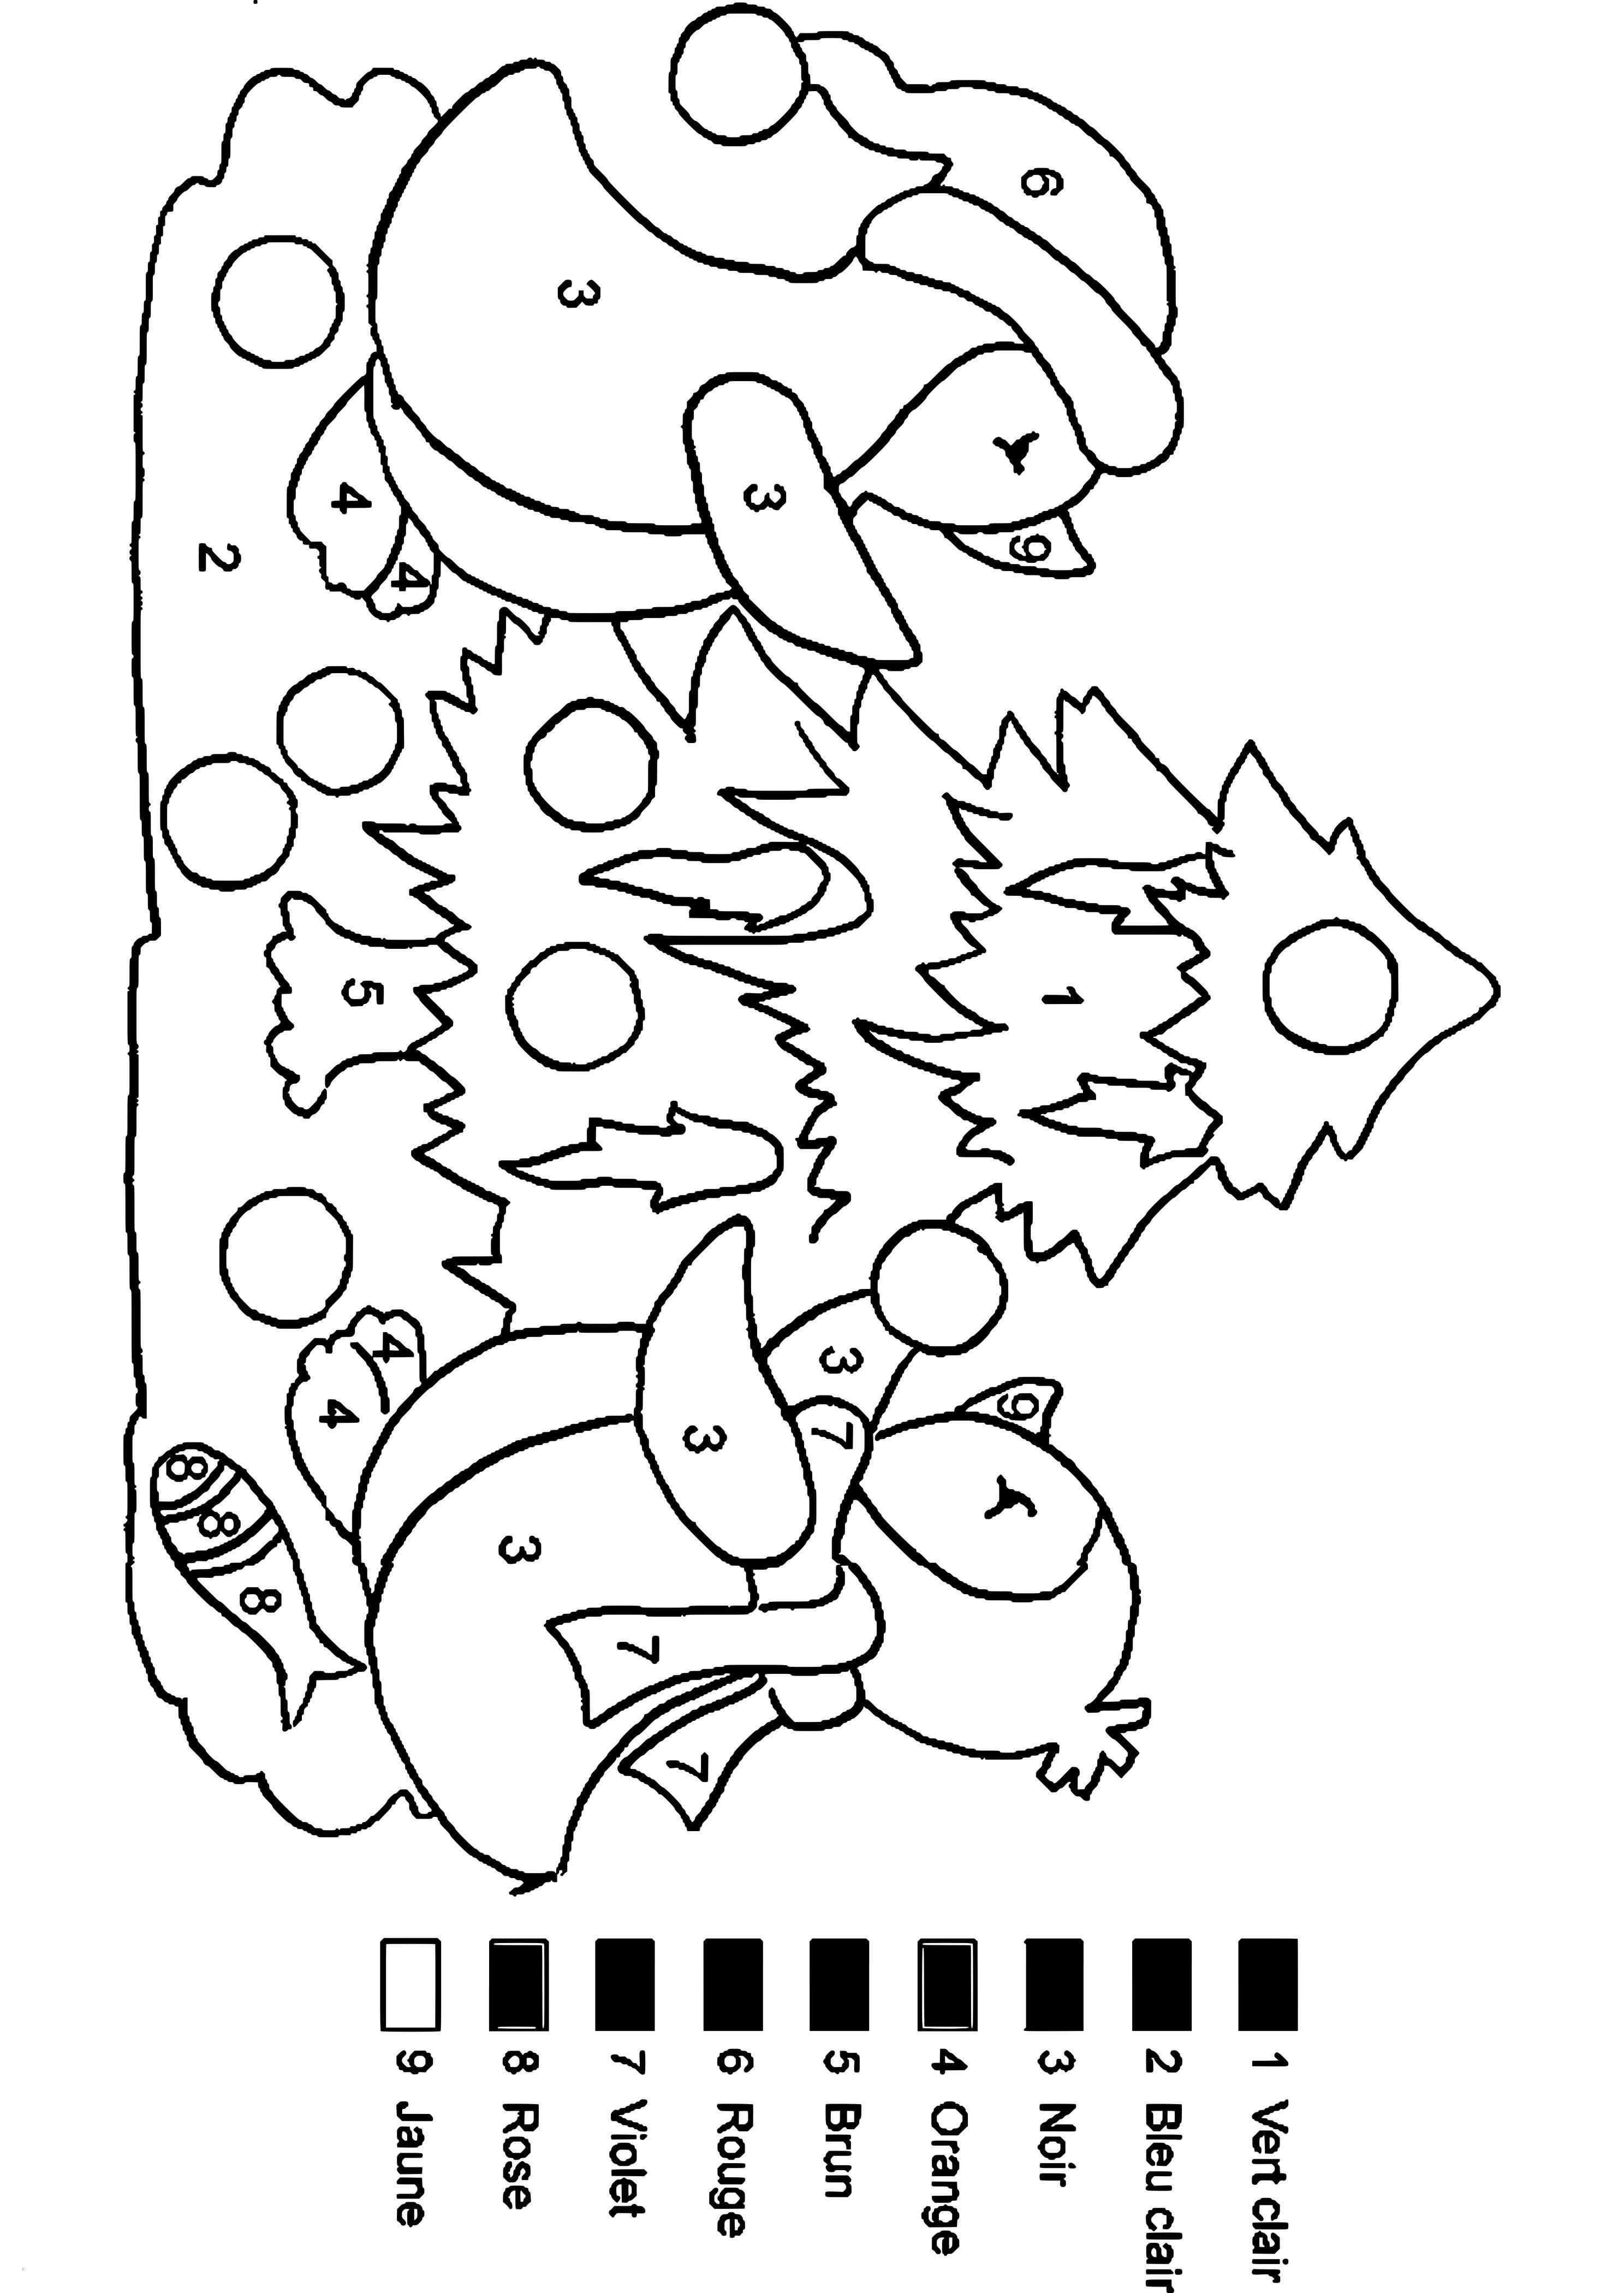 Dragons Auf Zu Neuen Ufern Ausmalbilder Das Beste Von Schön Malvorlagen Dragons Skrill Art Von Malvorlagen Neu Stock